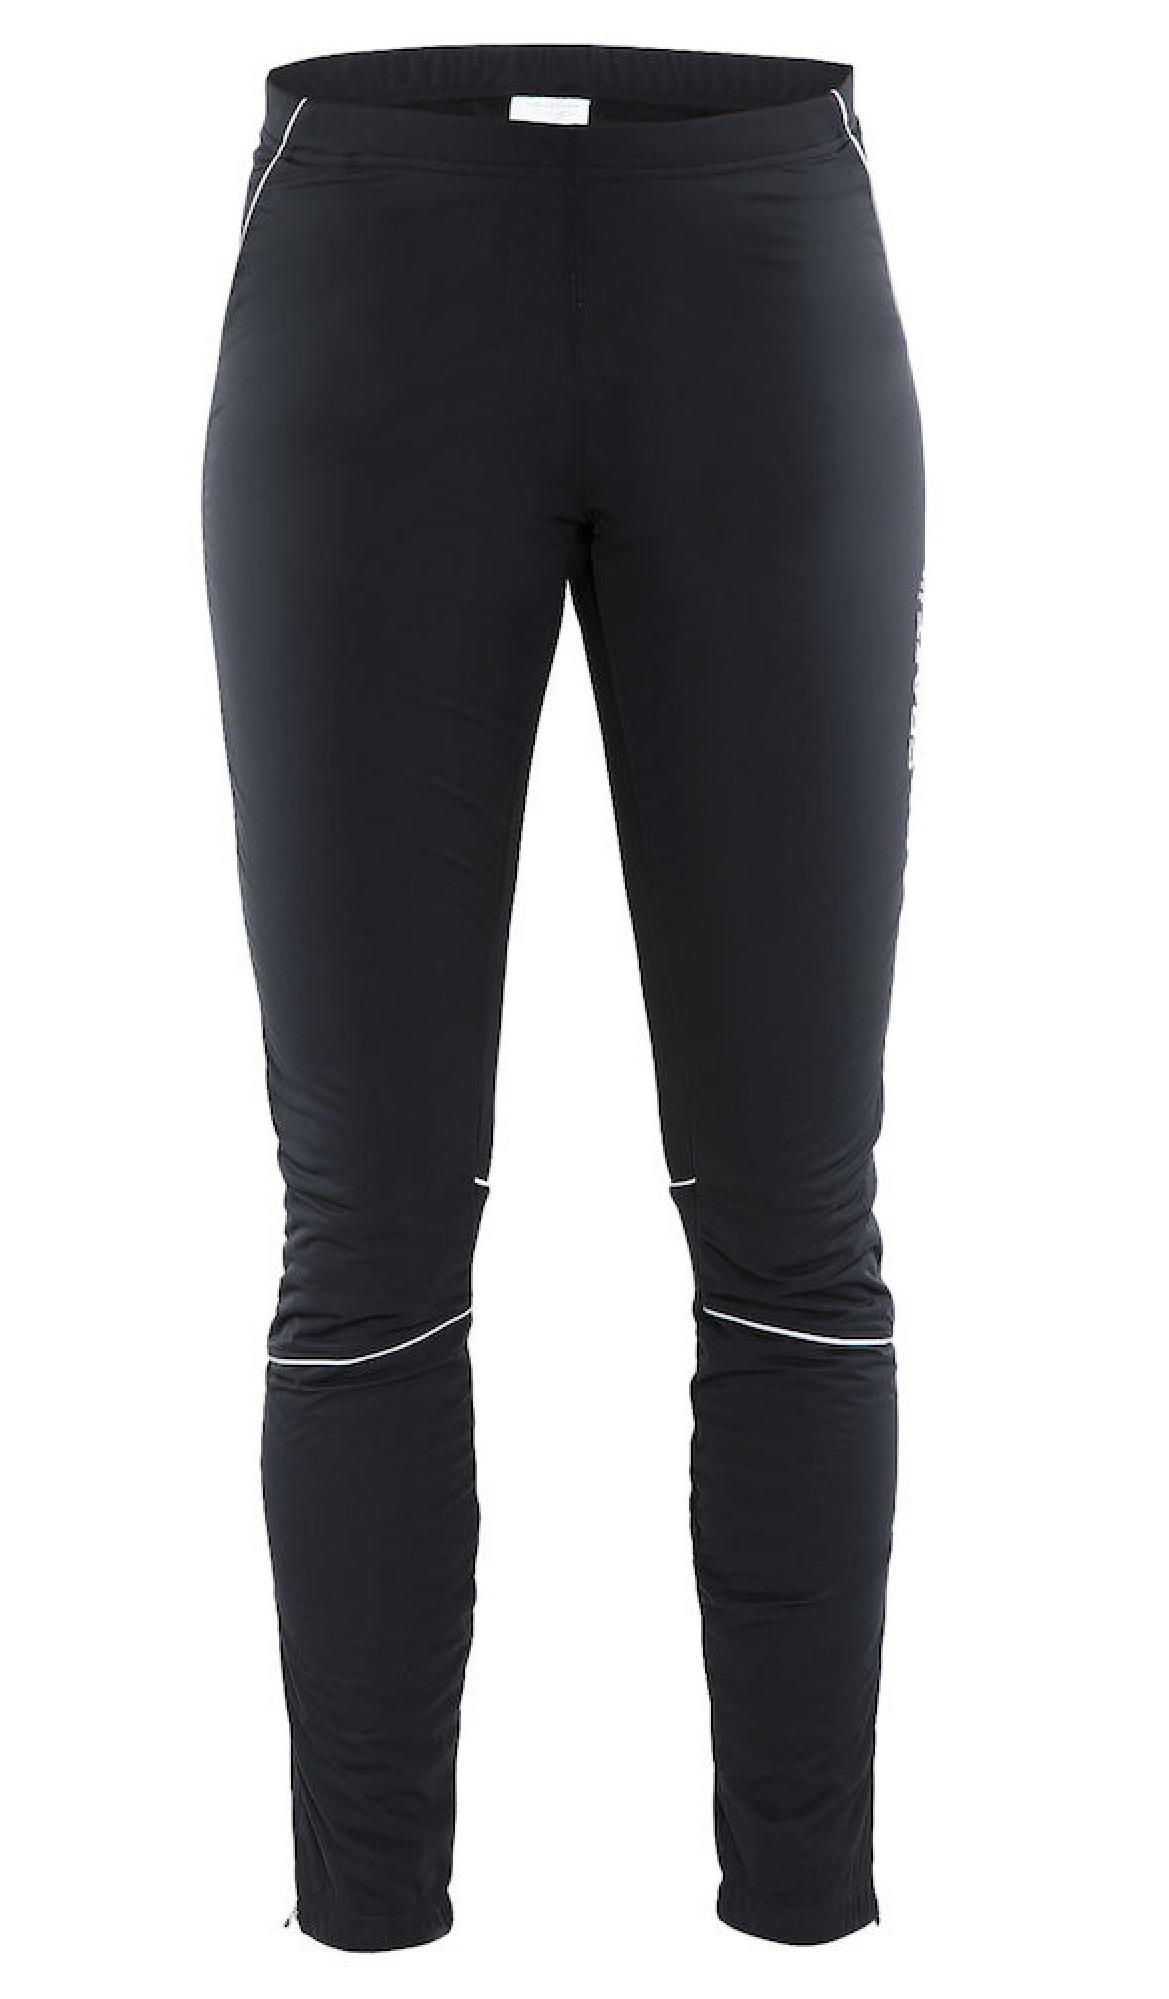 Женские лыжные брюки Craft XC Storm Tights (1903694-1999)